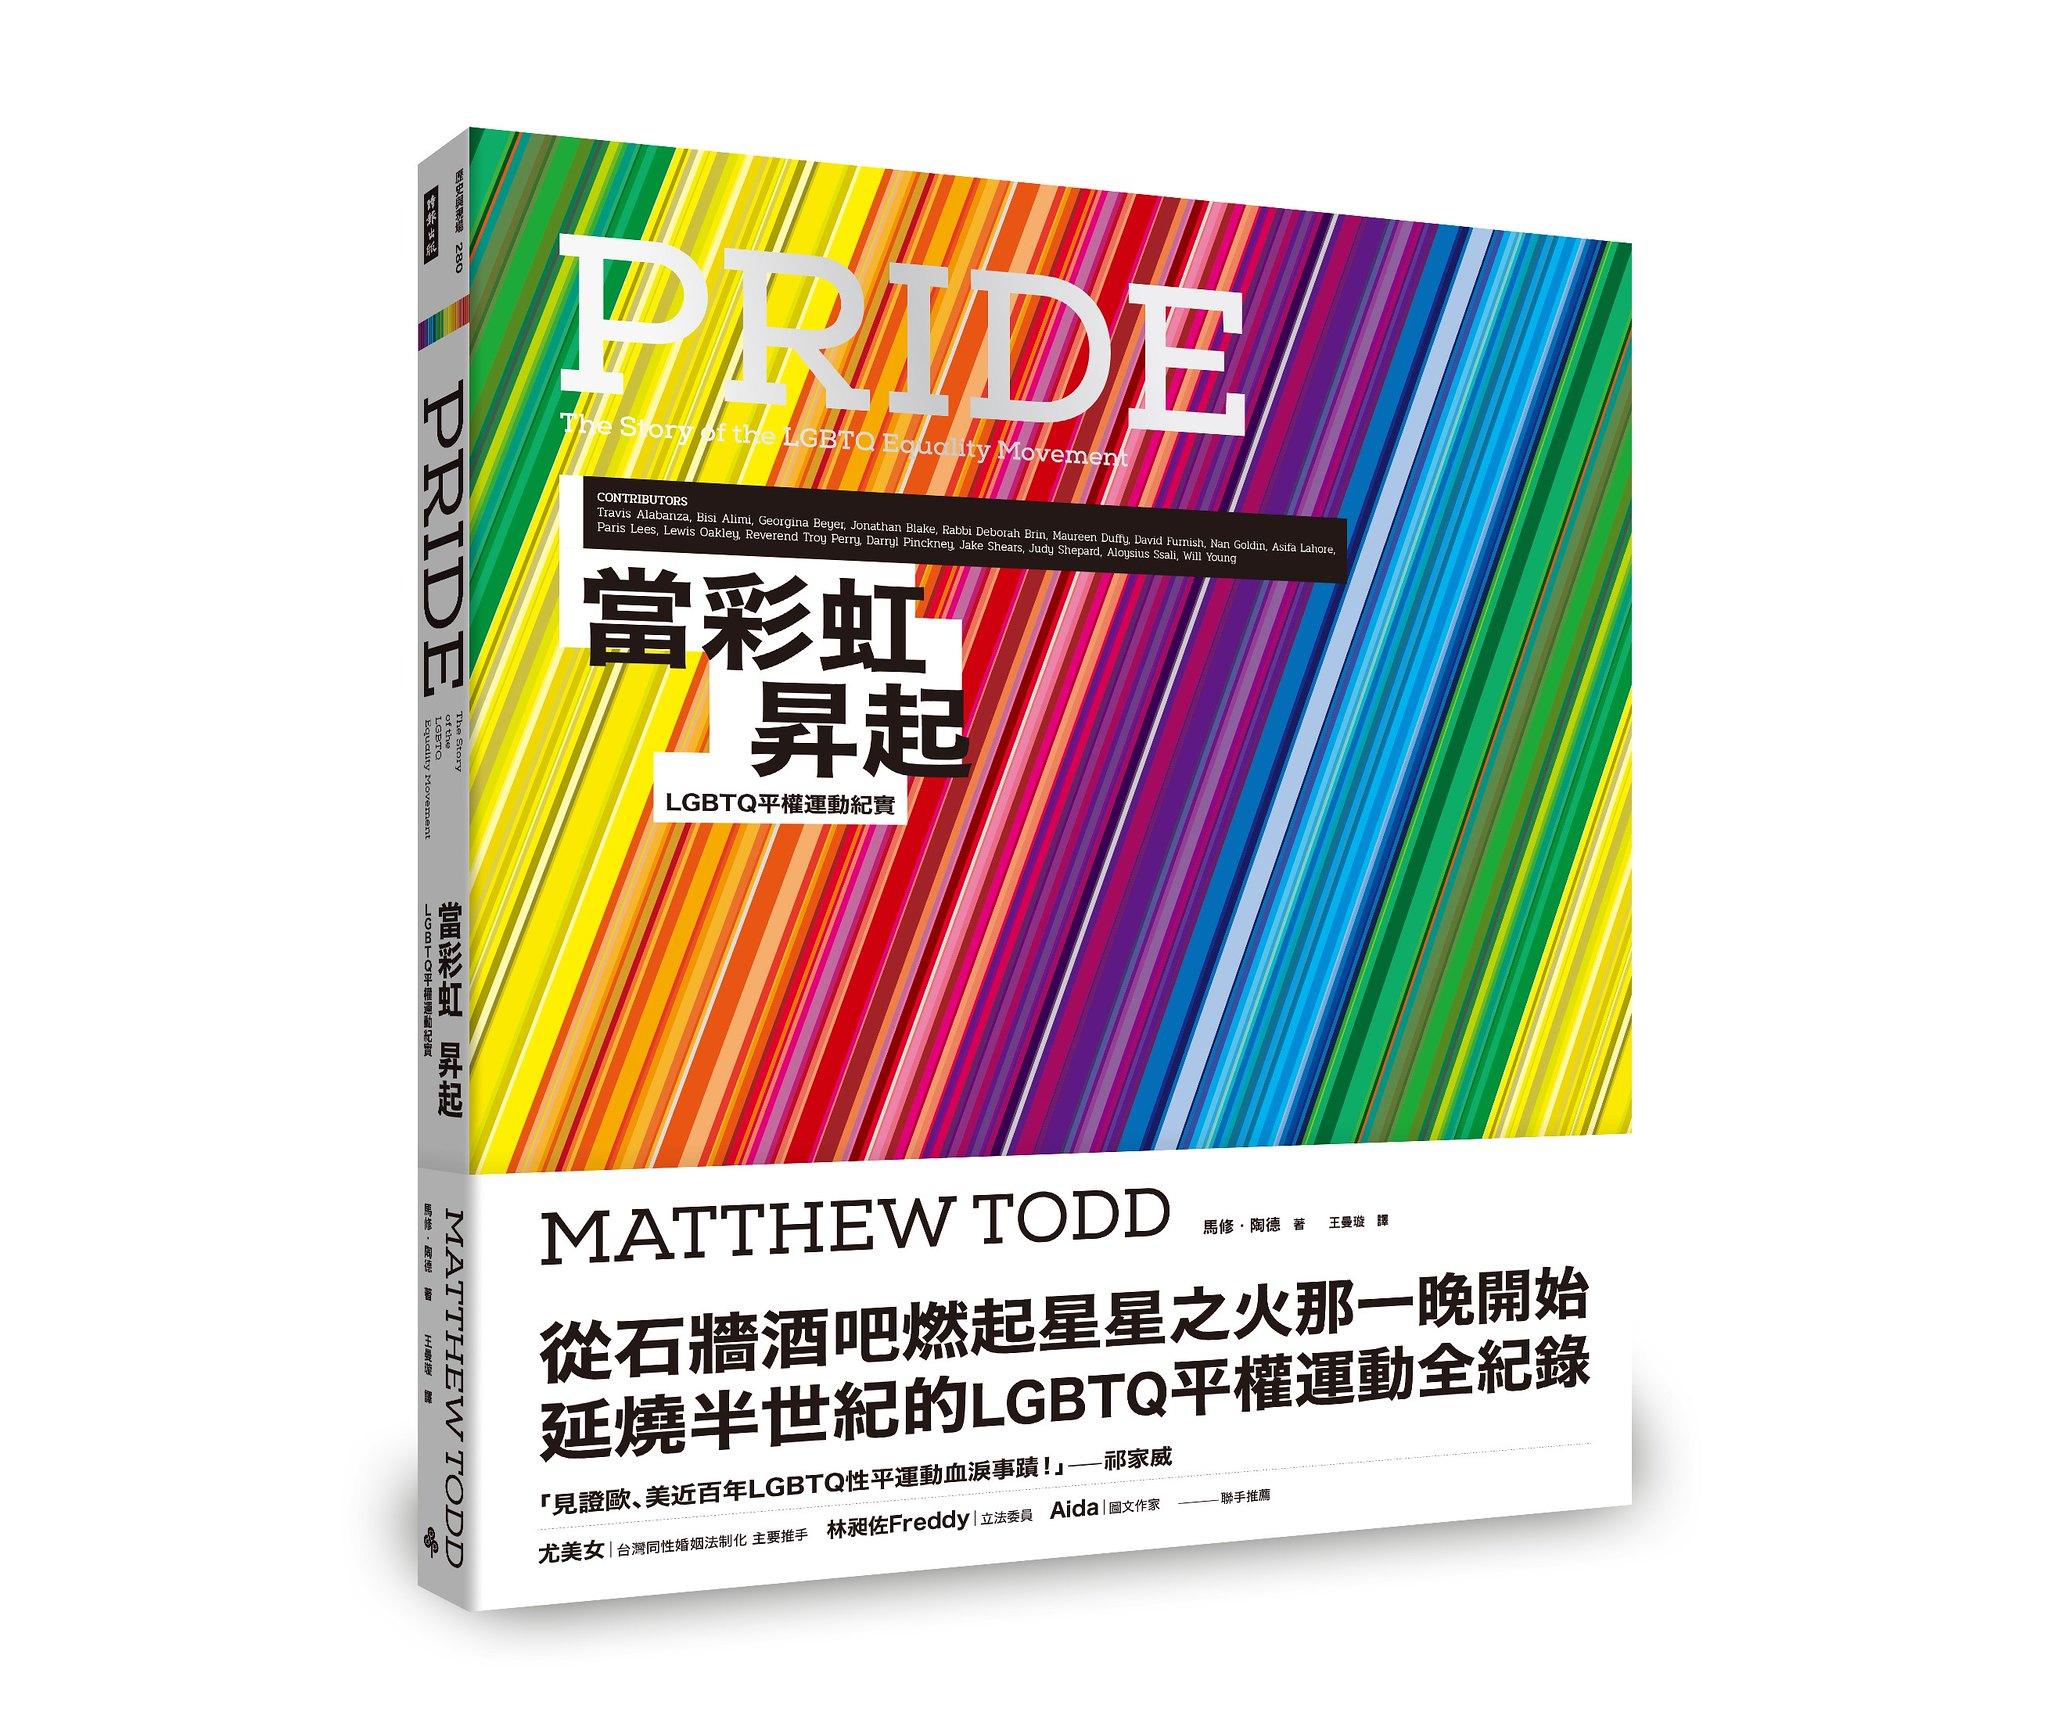 《當彩虹昇起:LGBTQ平權運動紀實》。(時報出版提供)